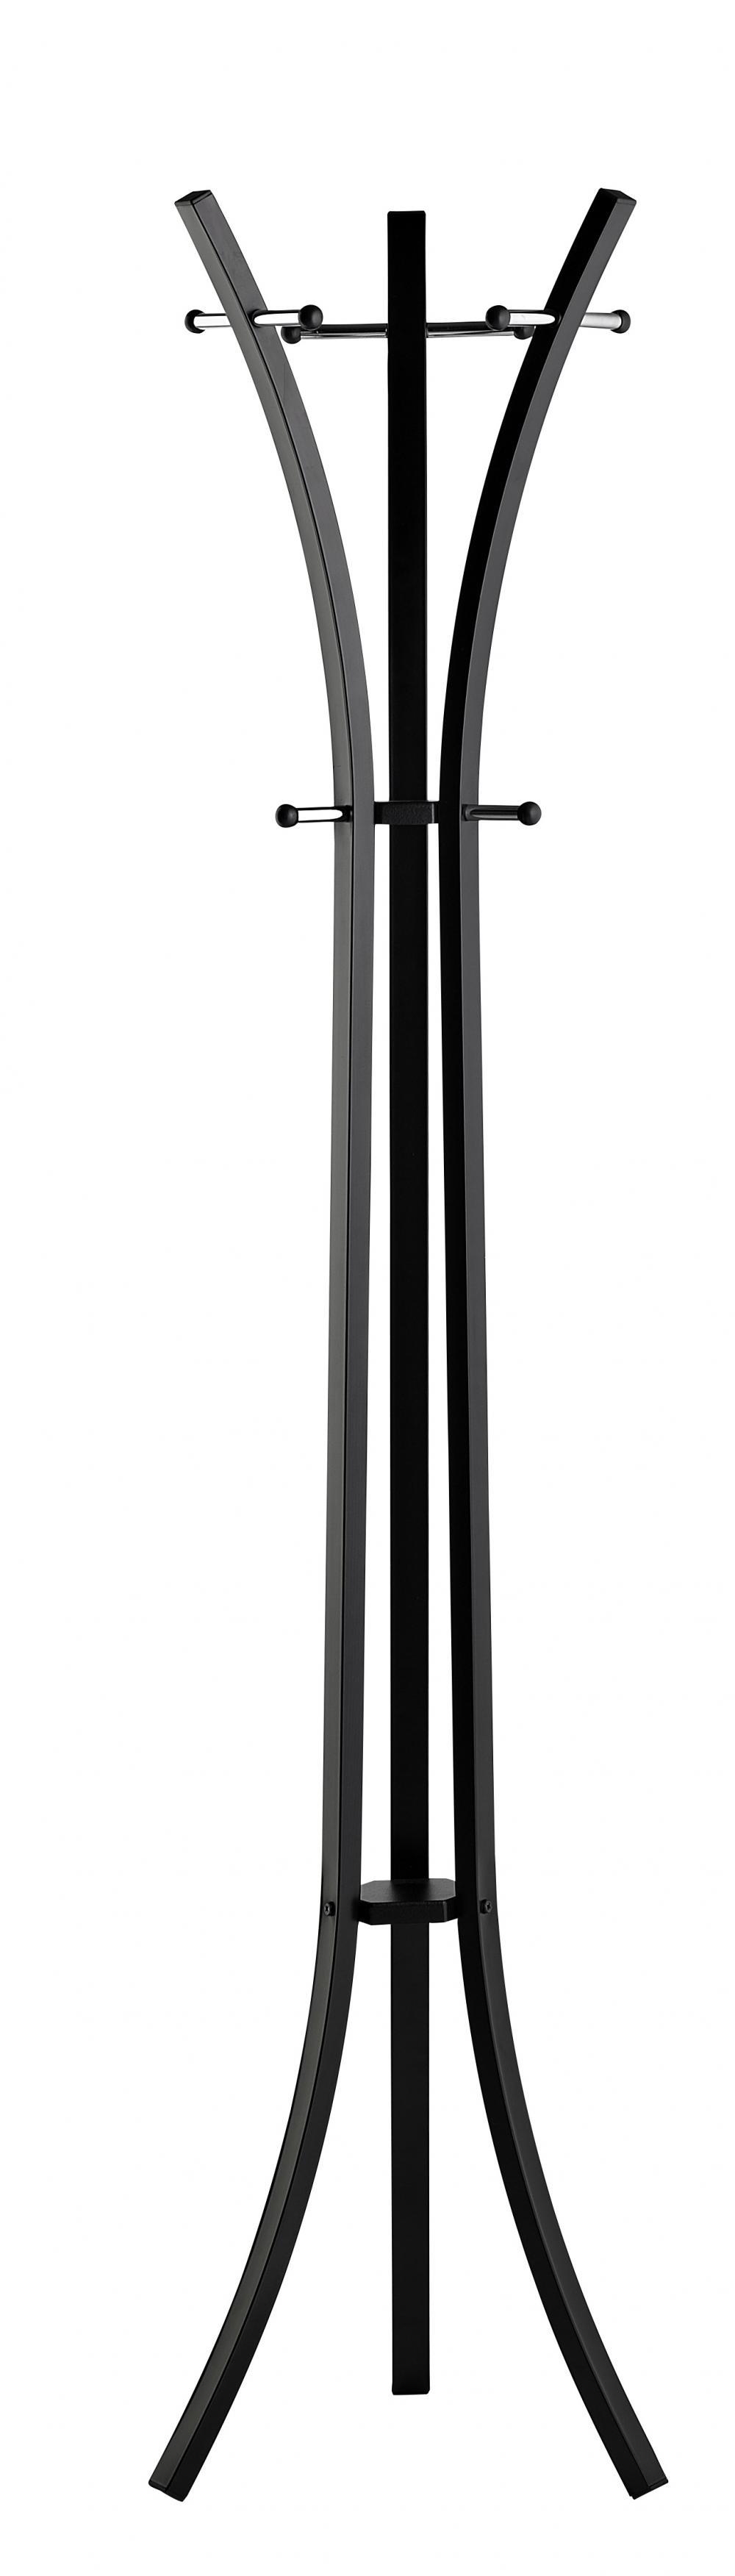 Cuier Metalic Alco Design  178/55cm  Cu 9 Agatatori Metalice - Alb